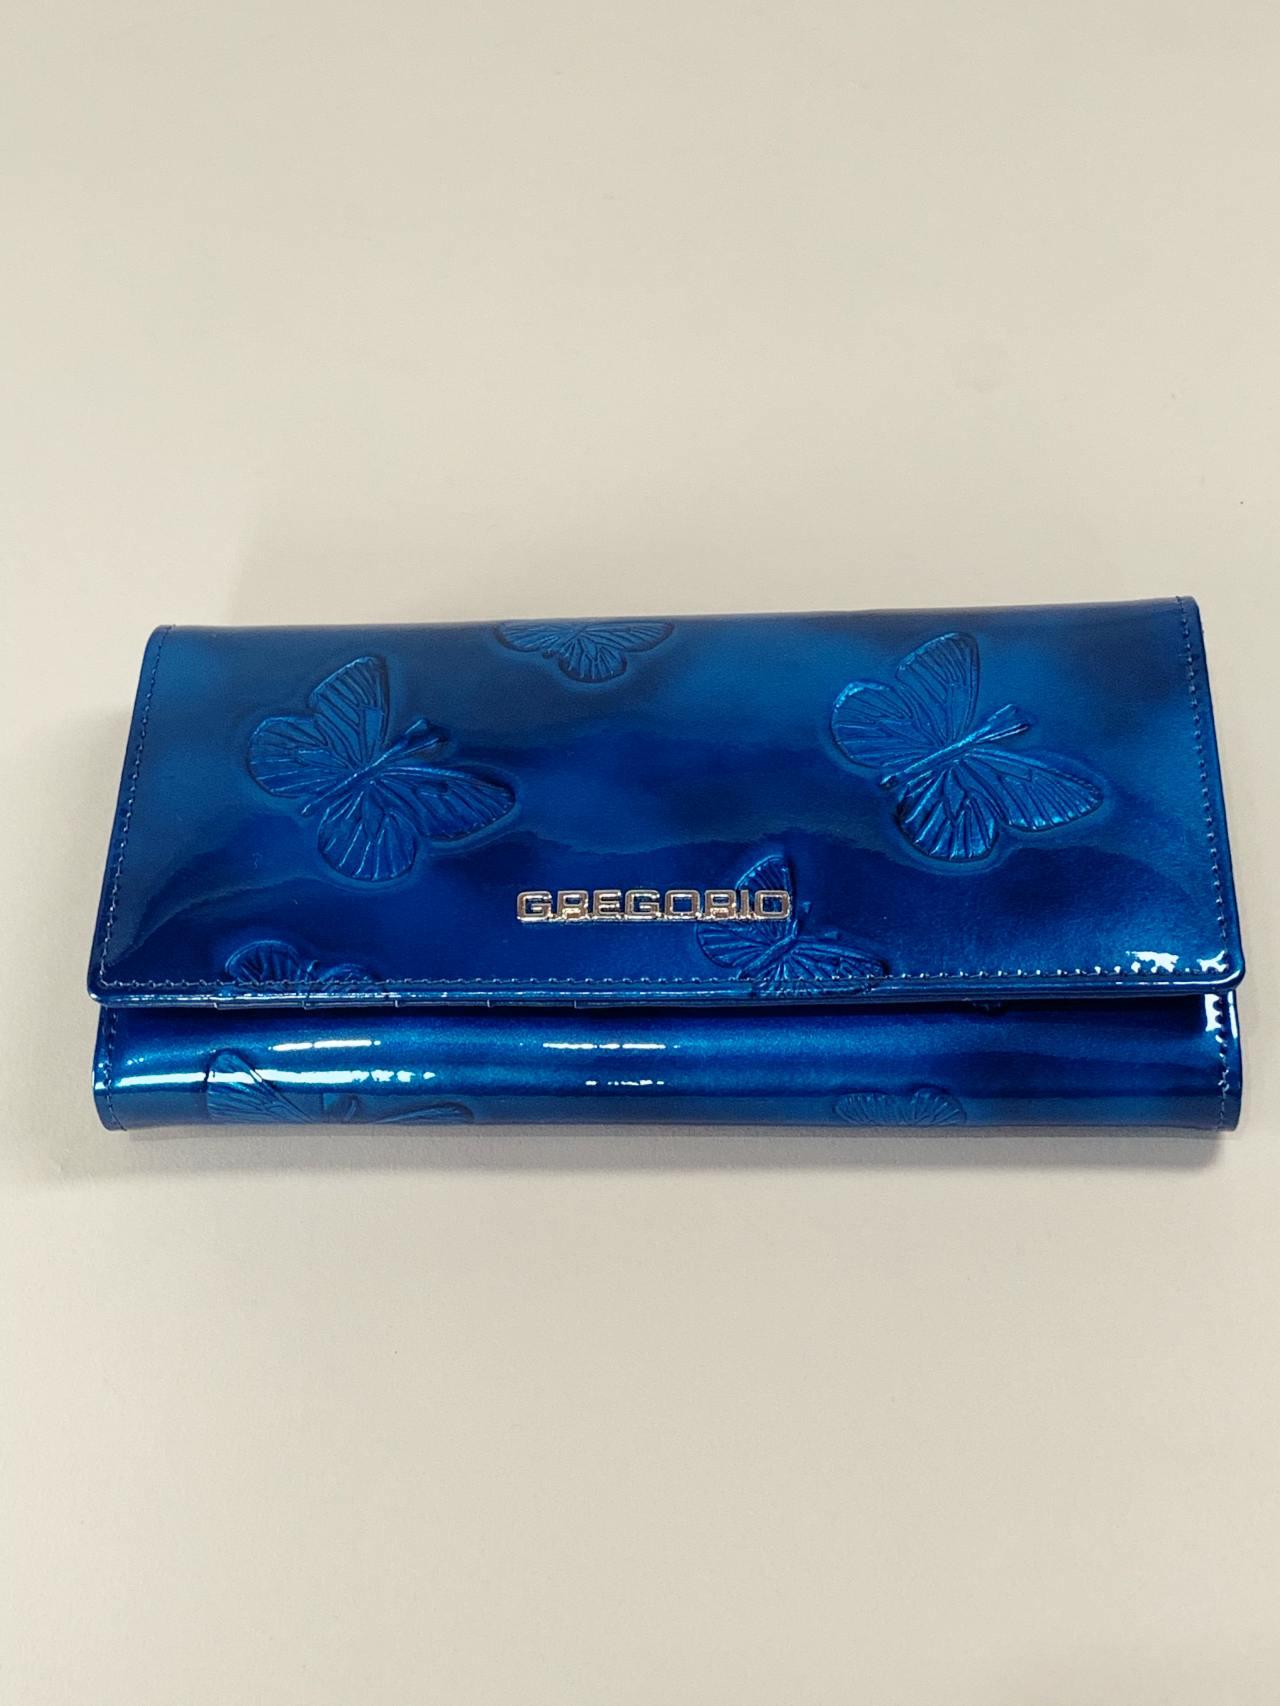 Kožená peněženka Gregorio L modrá s motýly -02